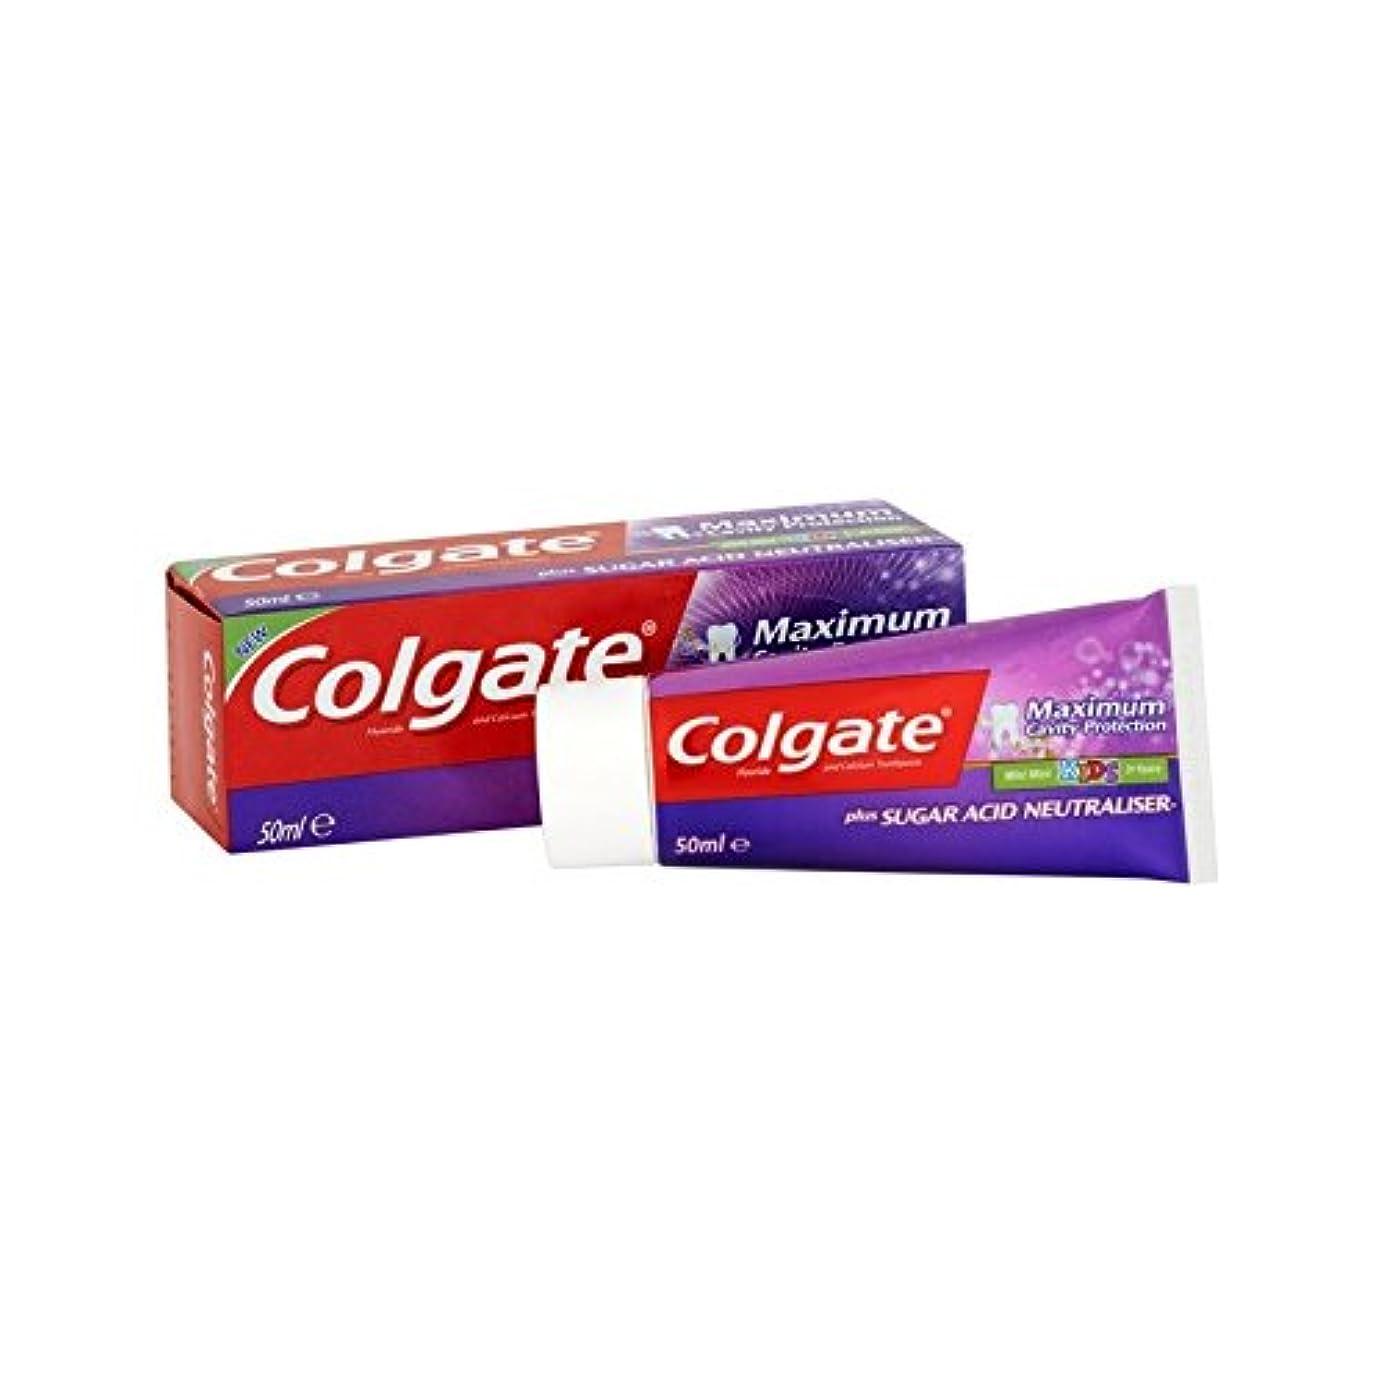 軍艦トレーダー機械的に最大空洞の子供の50ミリリットルを保護 (Colgate) (x 2) - Colgate Maximum Cavity Protect Kids 50ml (Pack of 2) [並行輸入品]